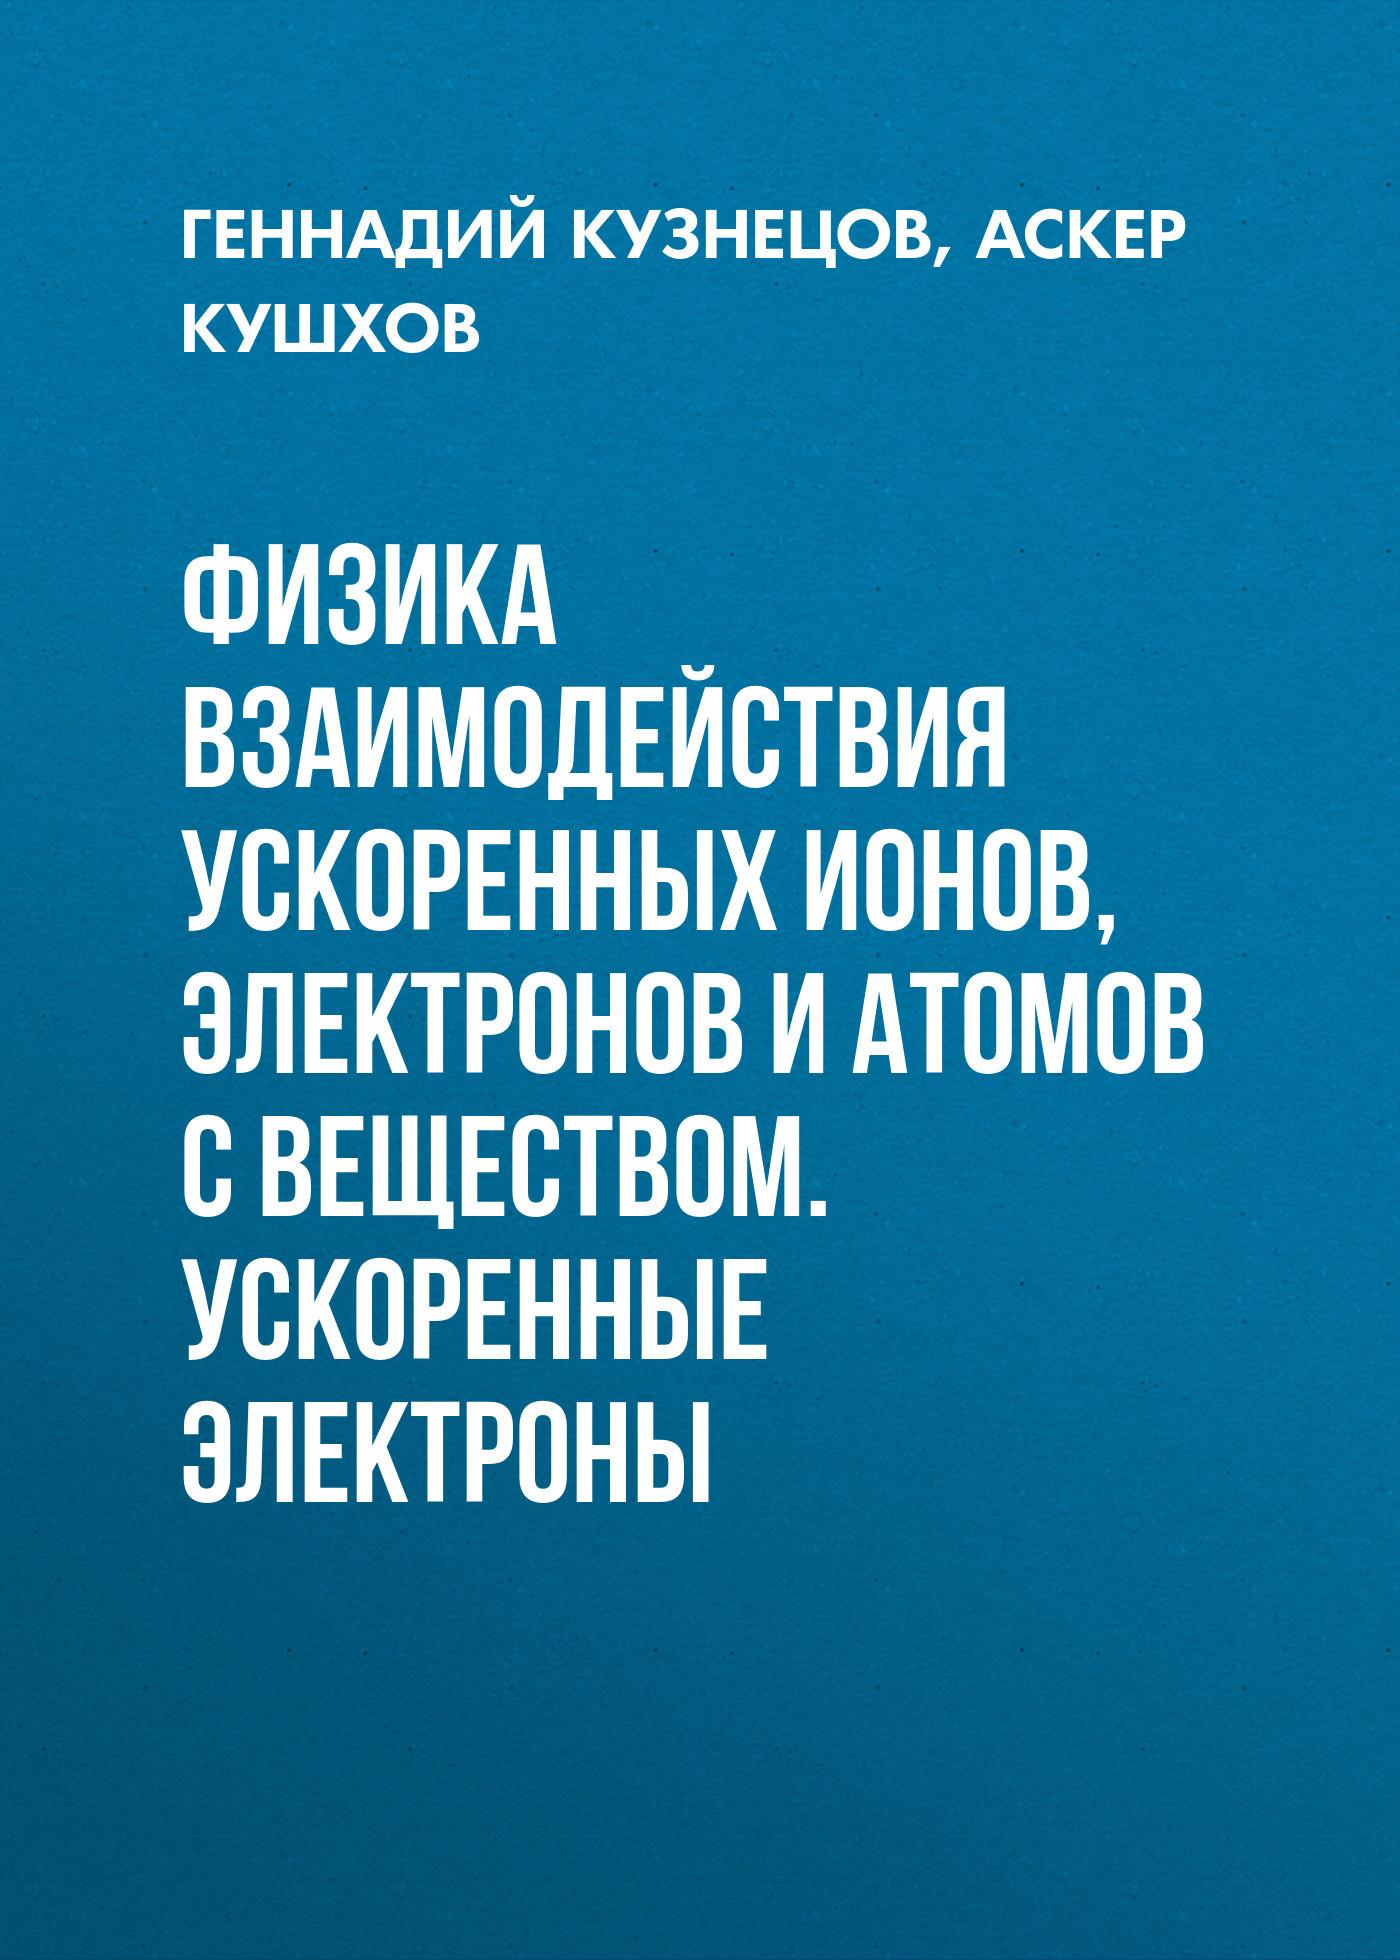 Аскер Кушхов Физика взаимодействия ускоренных ионов, электронов и атомов с веществом. Ускоренные электроны